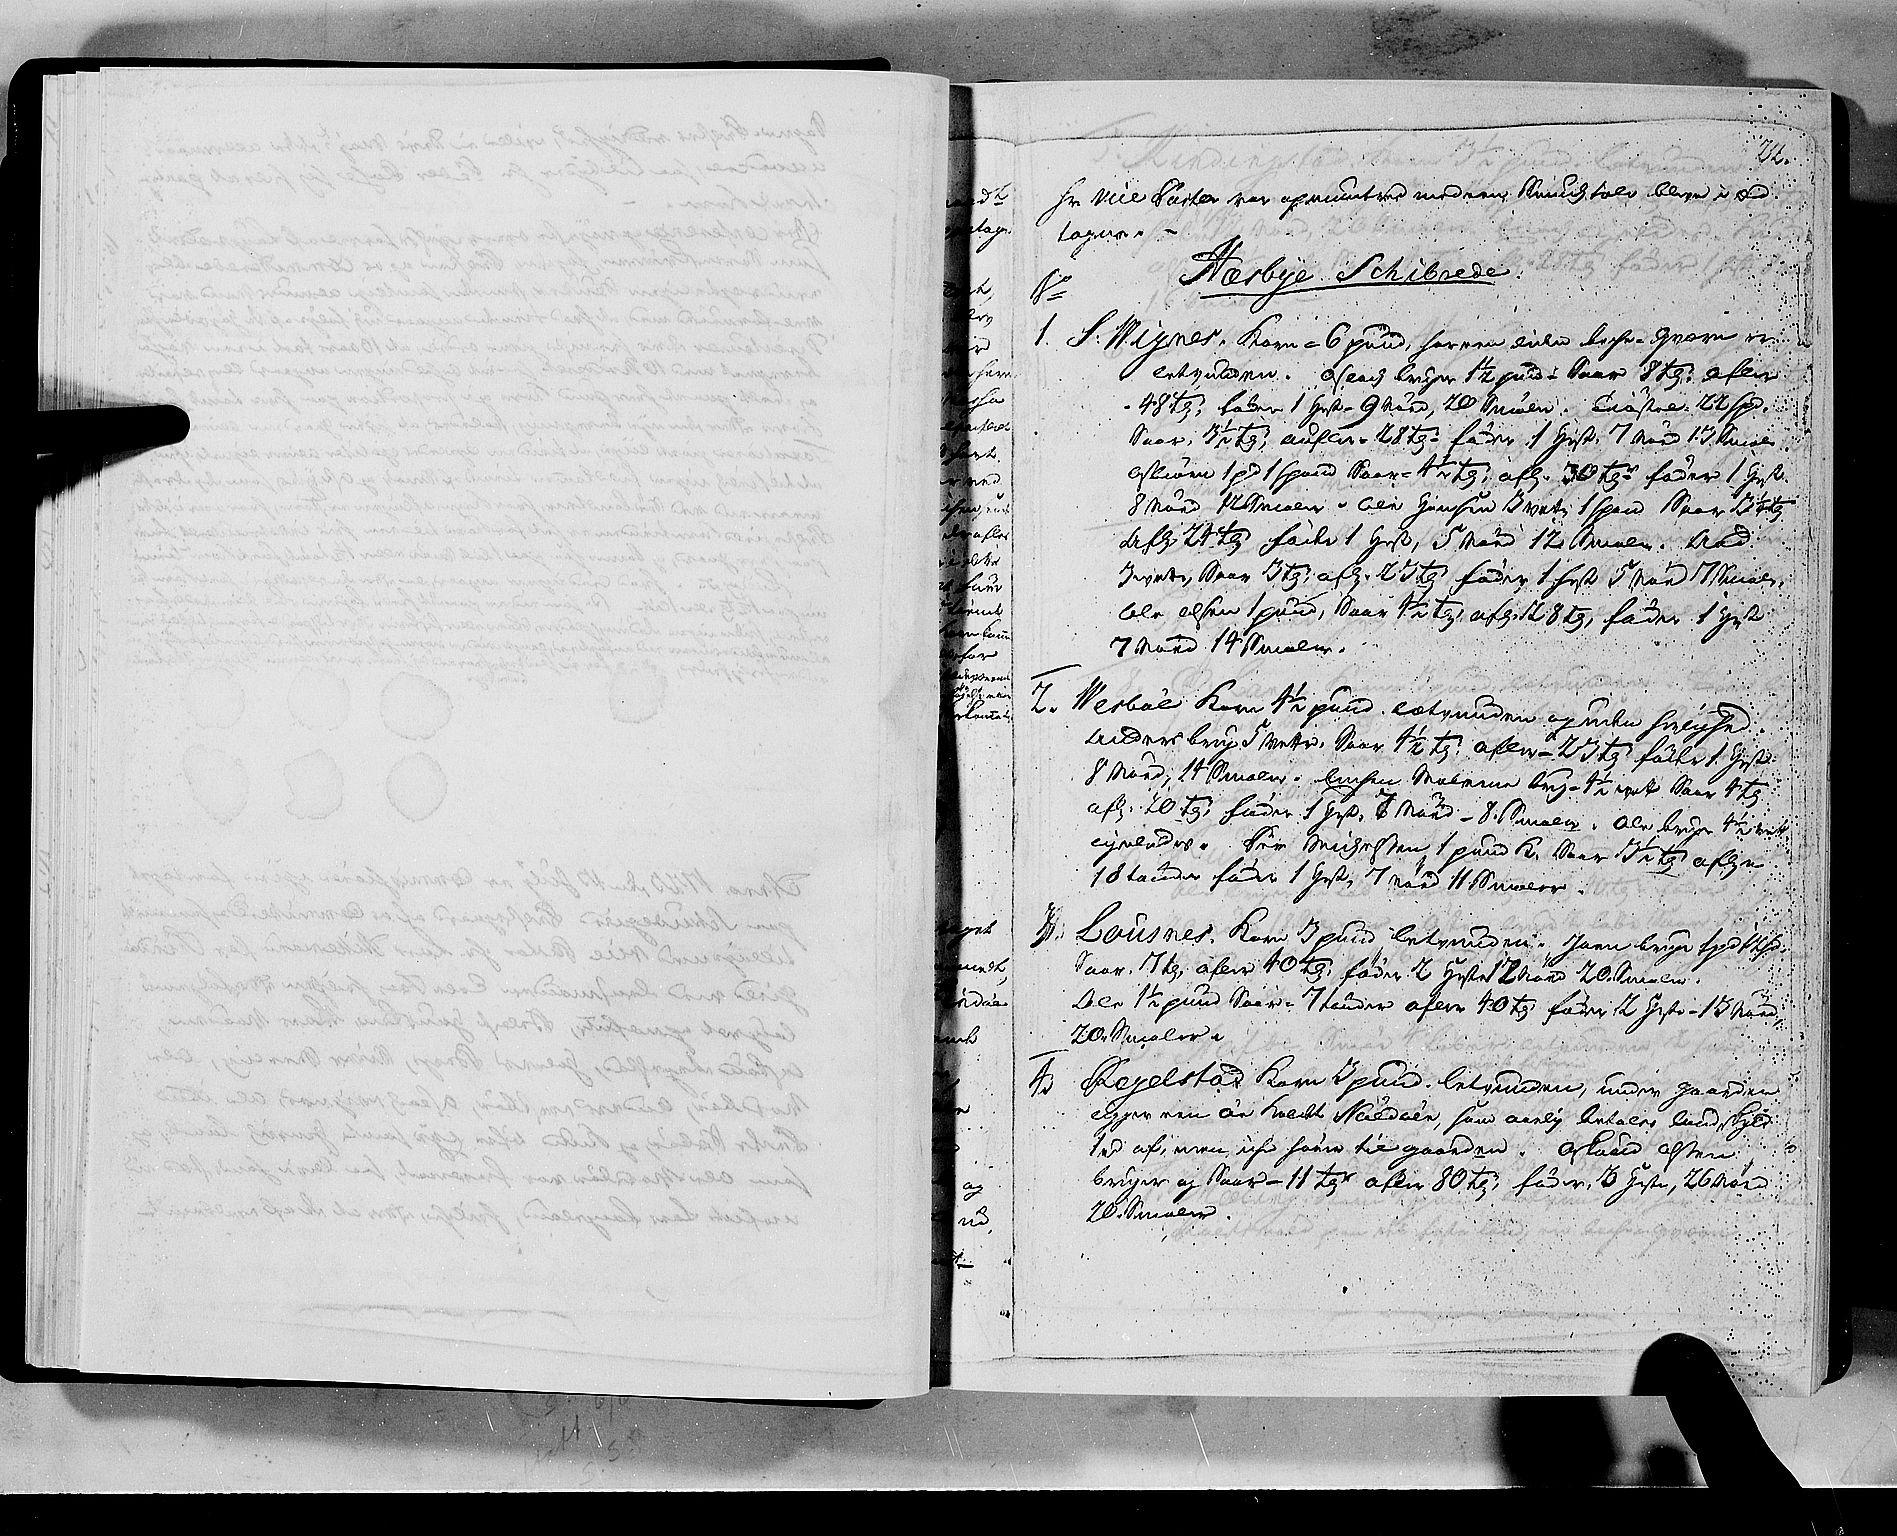 RA, Rentekammeret inntil 1814, Realistisk ordnet avdeling, N/Nb/Nbf/L0133a: Ryfylke eksaminasjonsprotokoll, 1723, s. 22a